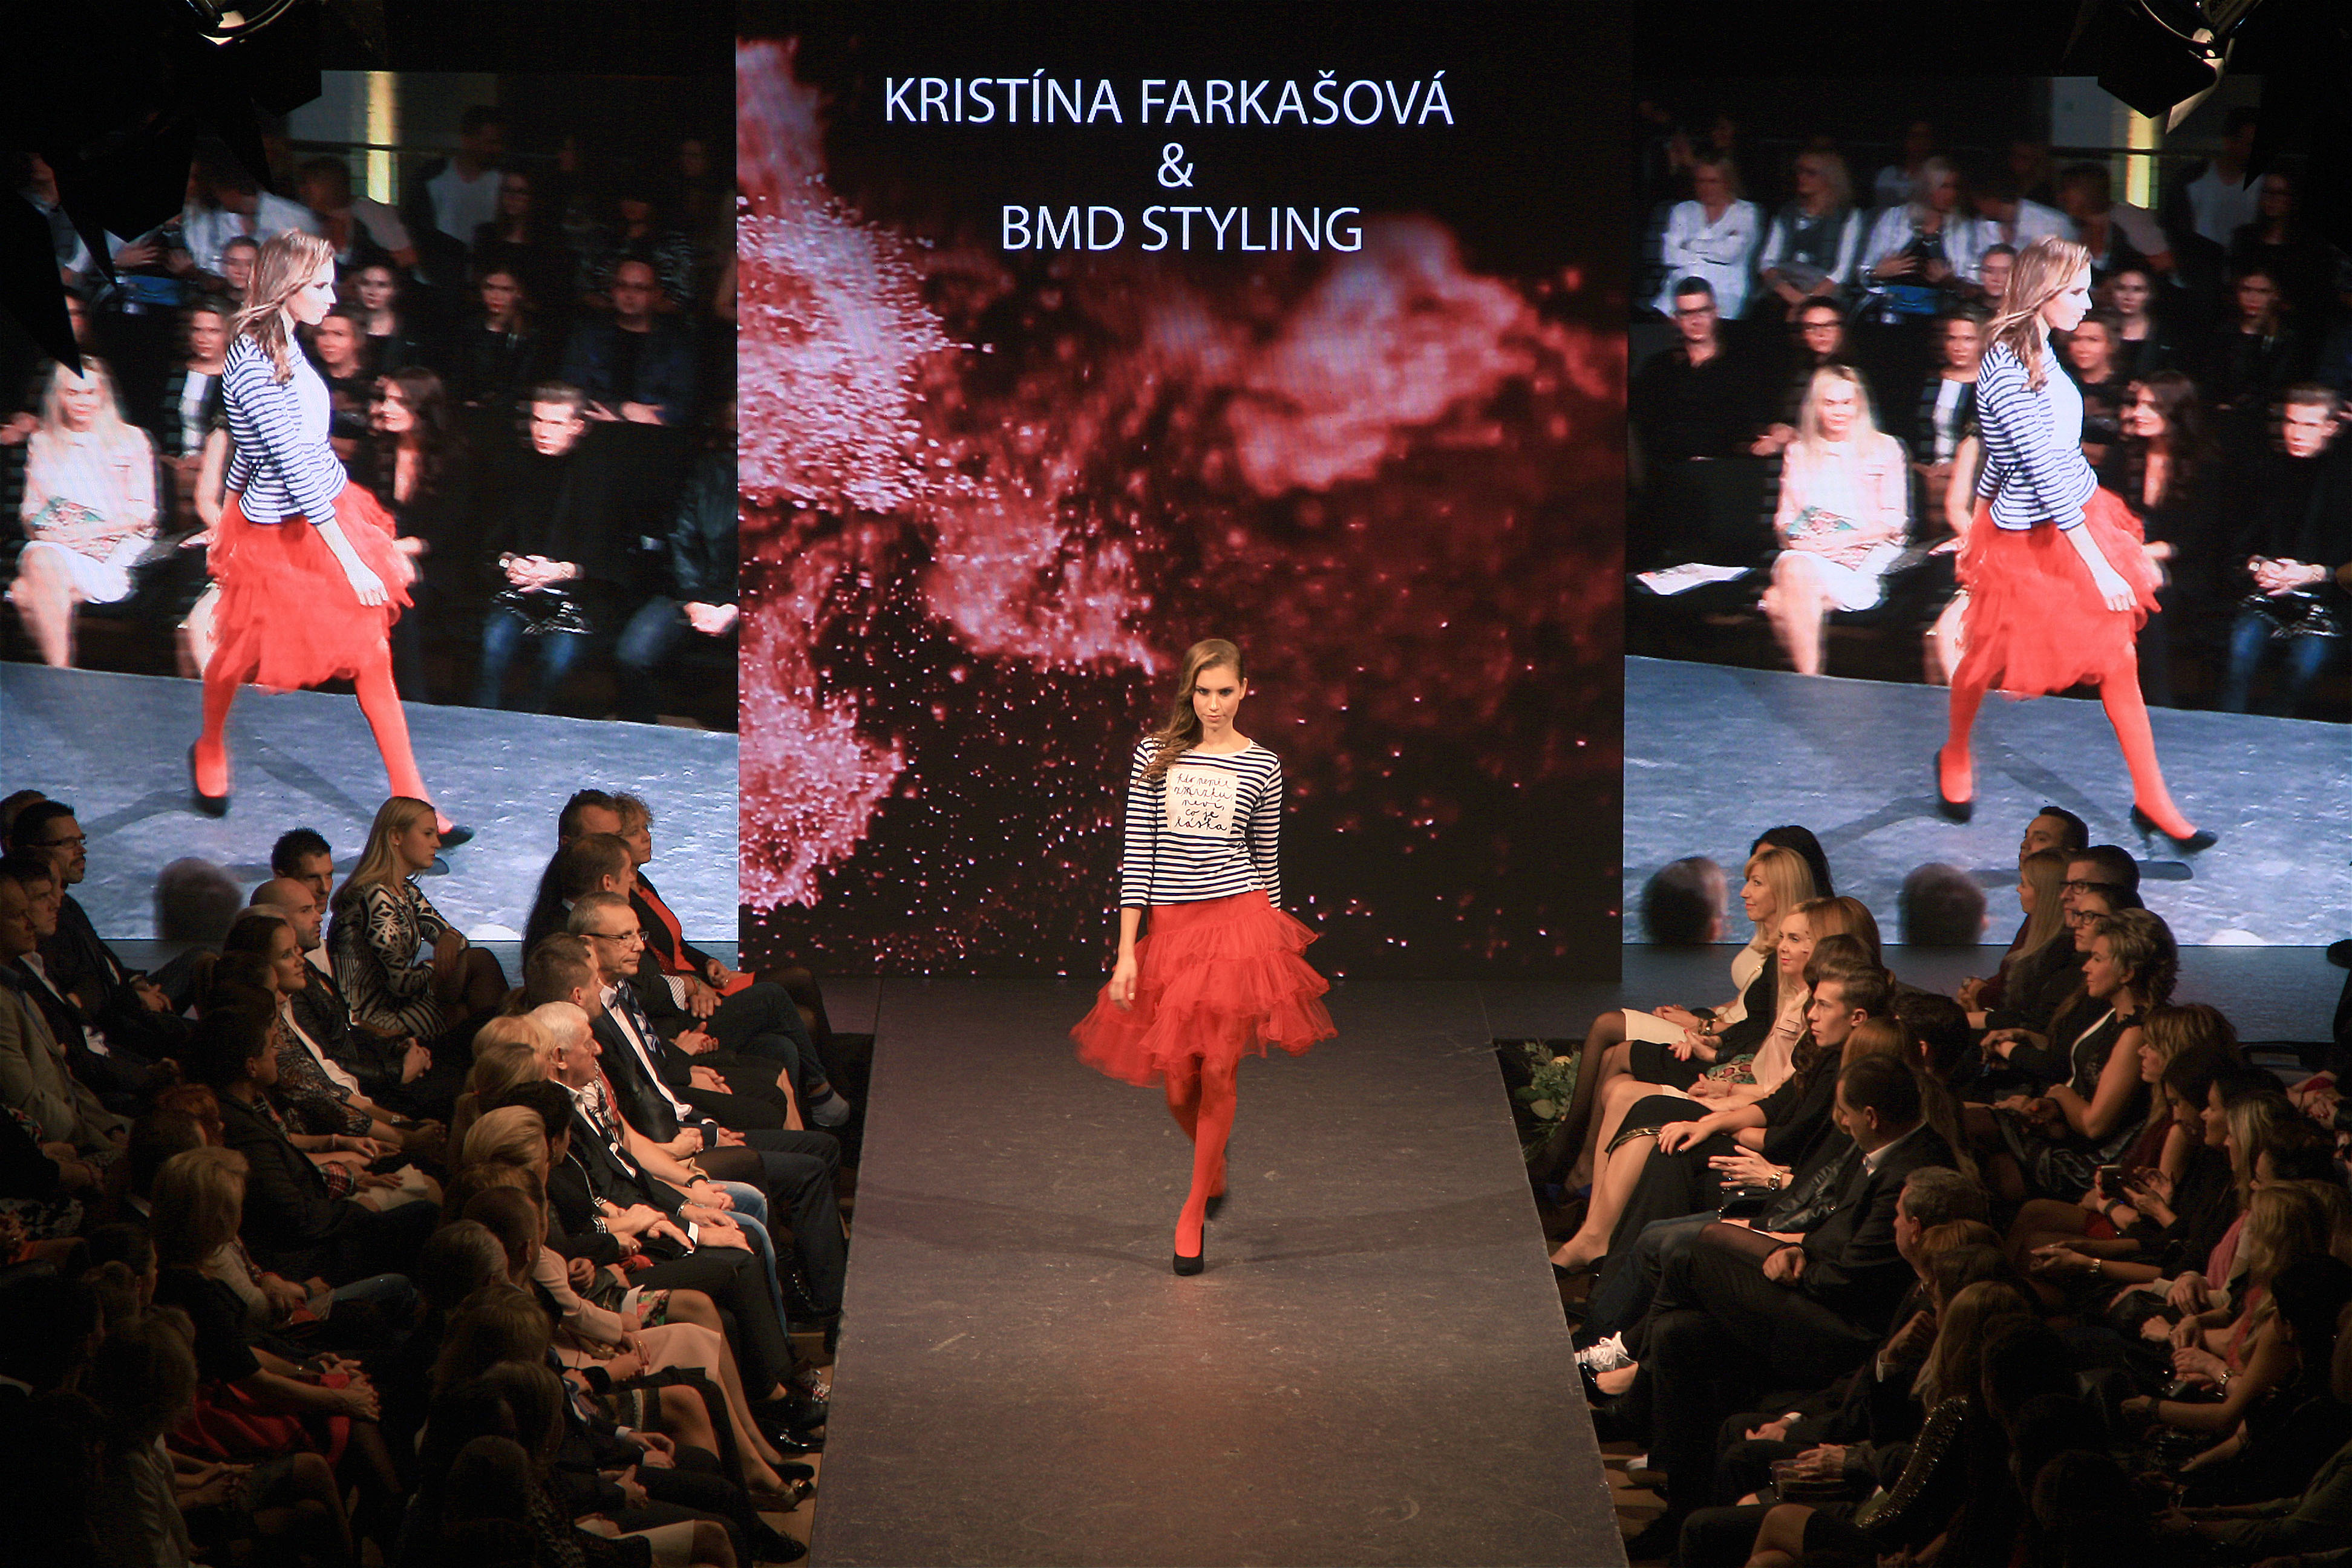 Kolekcia Kristíny Farkašovej